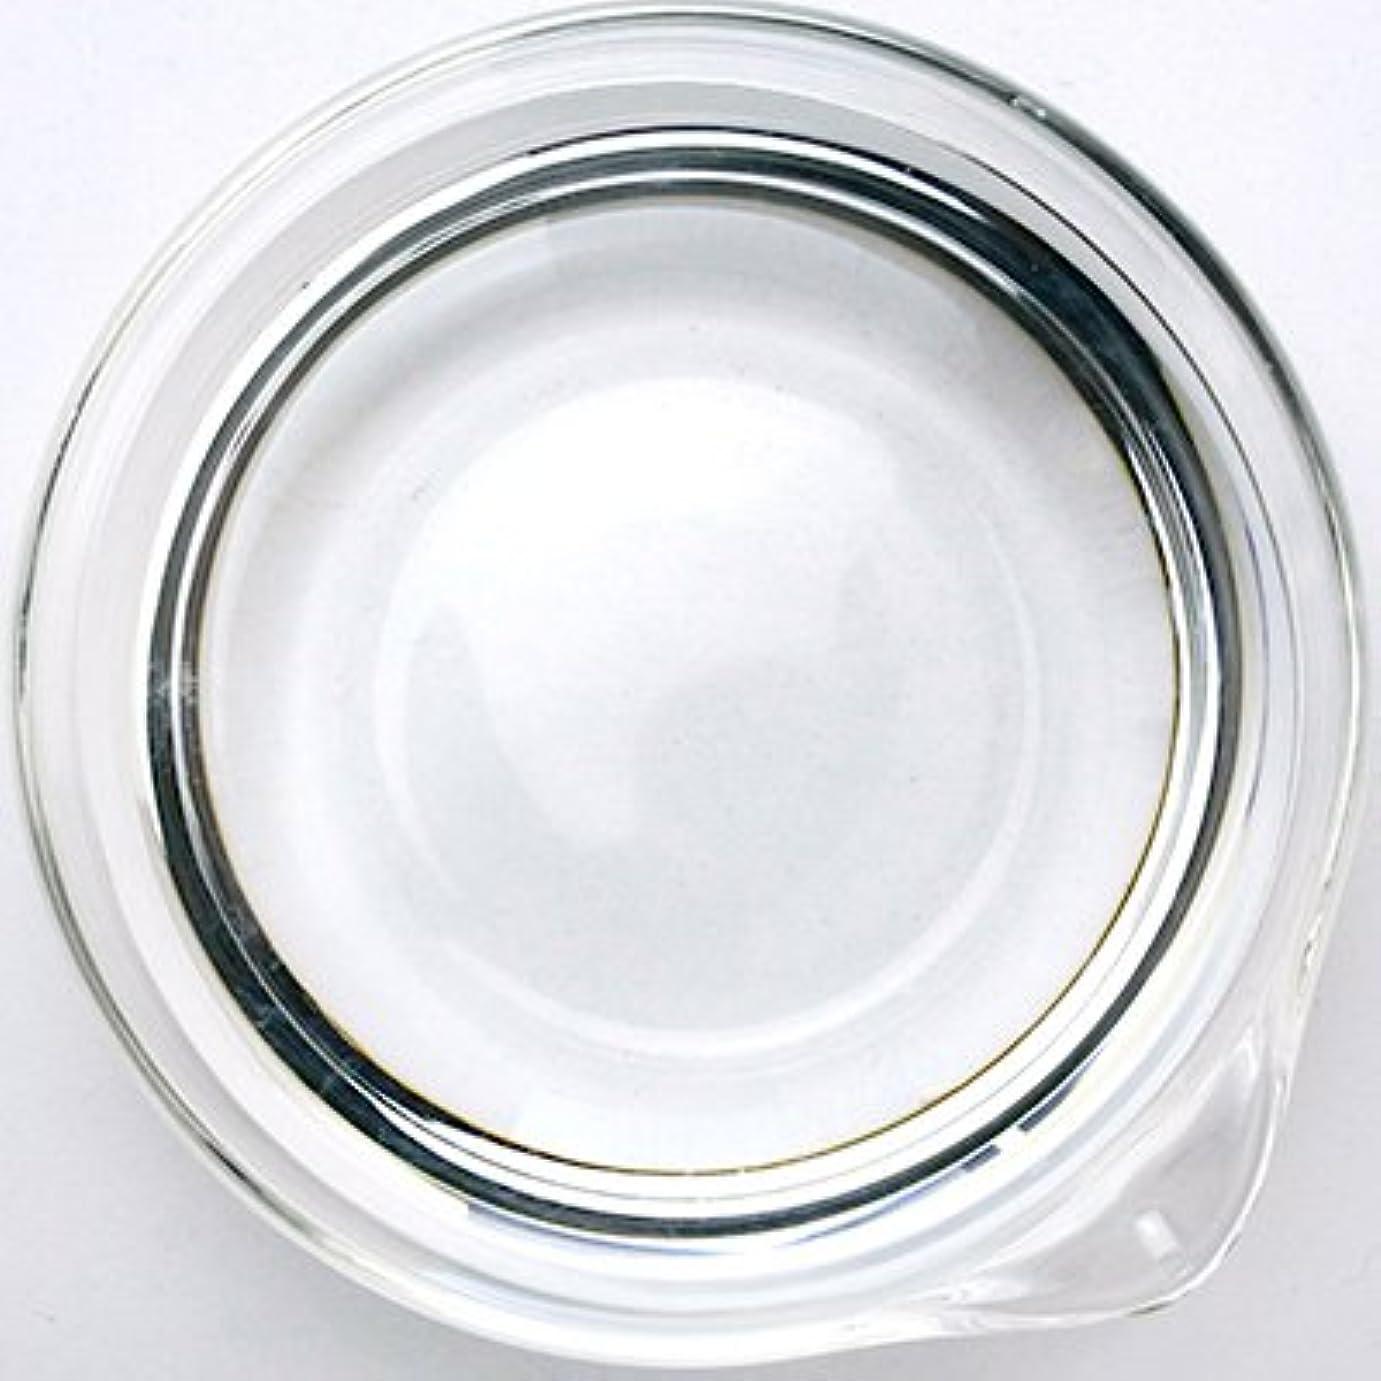 フィードいいねうれしい1,2-ヘキサンジオール 100ml 【防腐剤/抗菌剤/保湿剤/手作りコスメ】